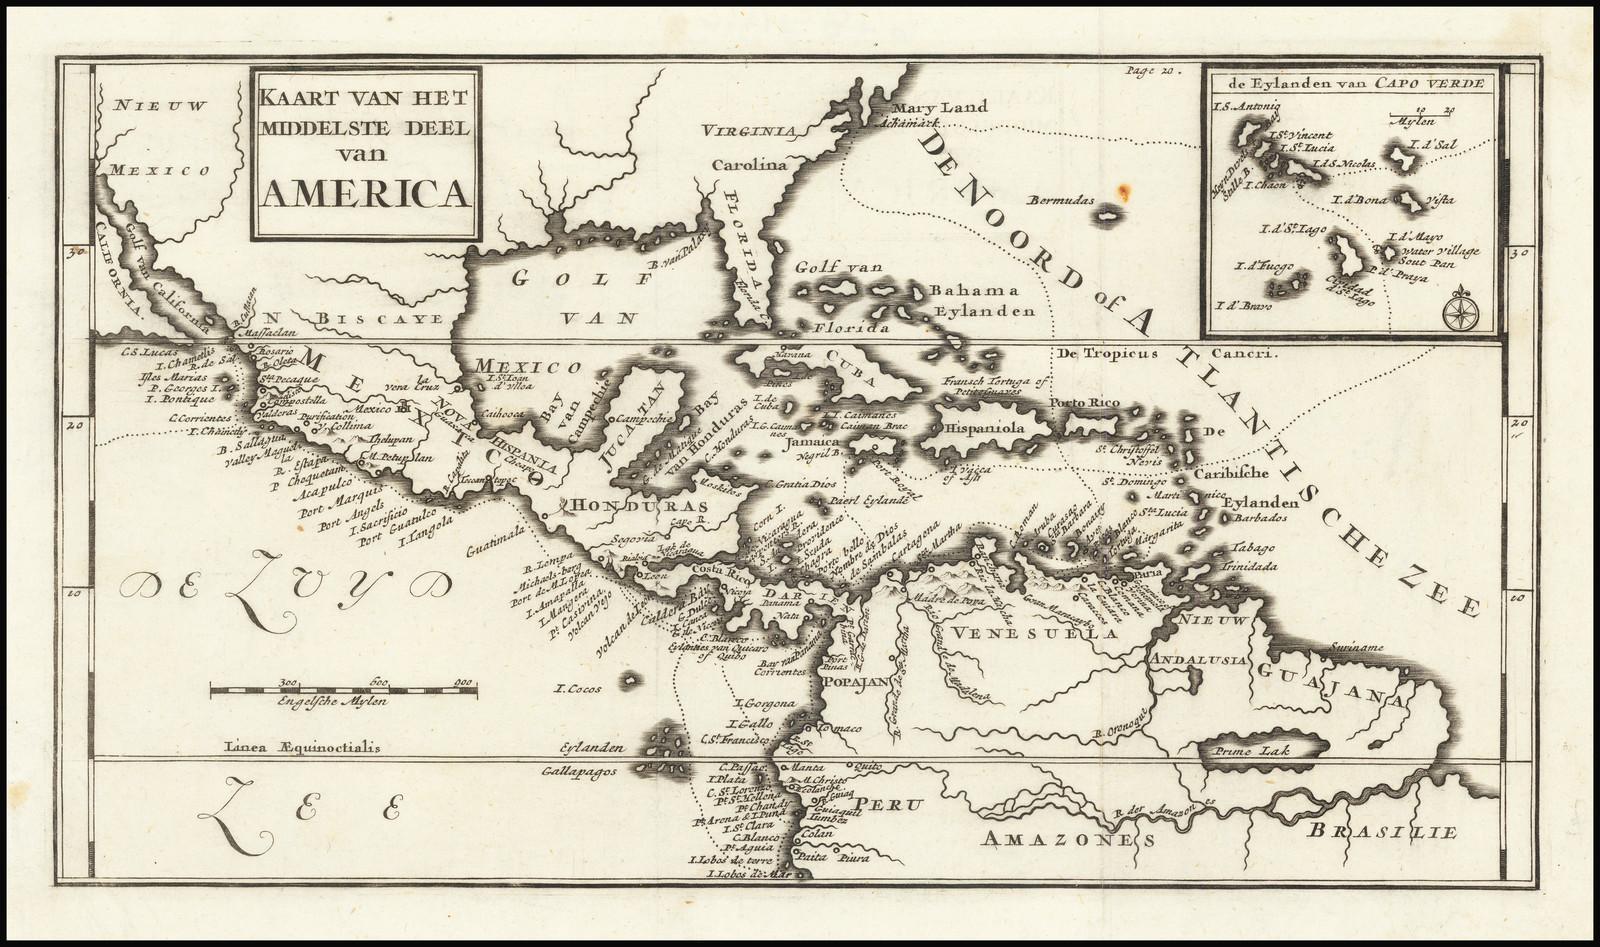 Живописная карта вошедшая в голландское издание отчета о путешествиях Дампира